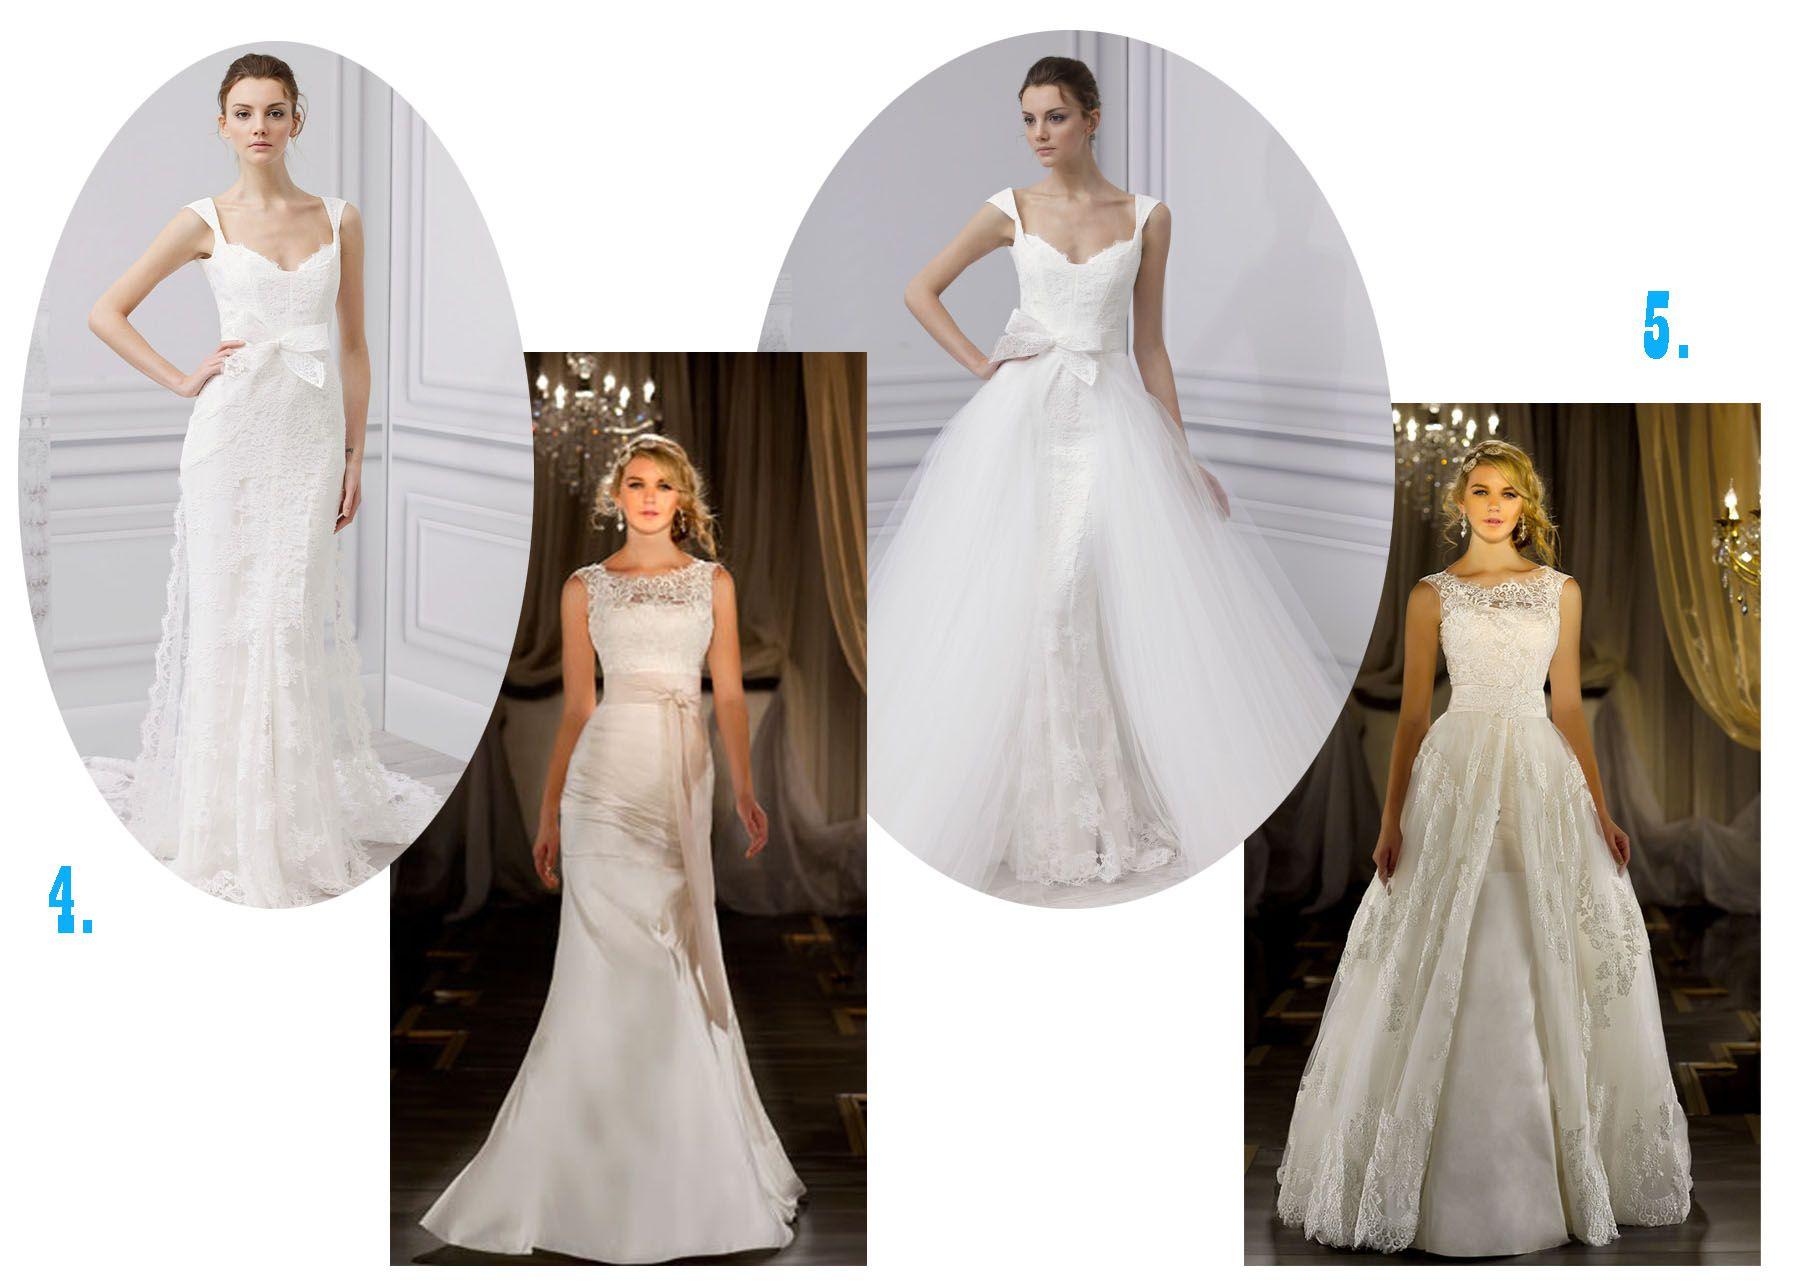 Overskirt Wedding Gowns